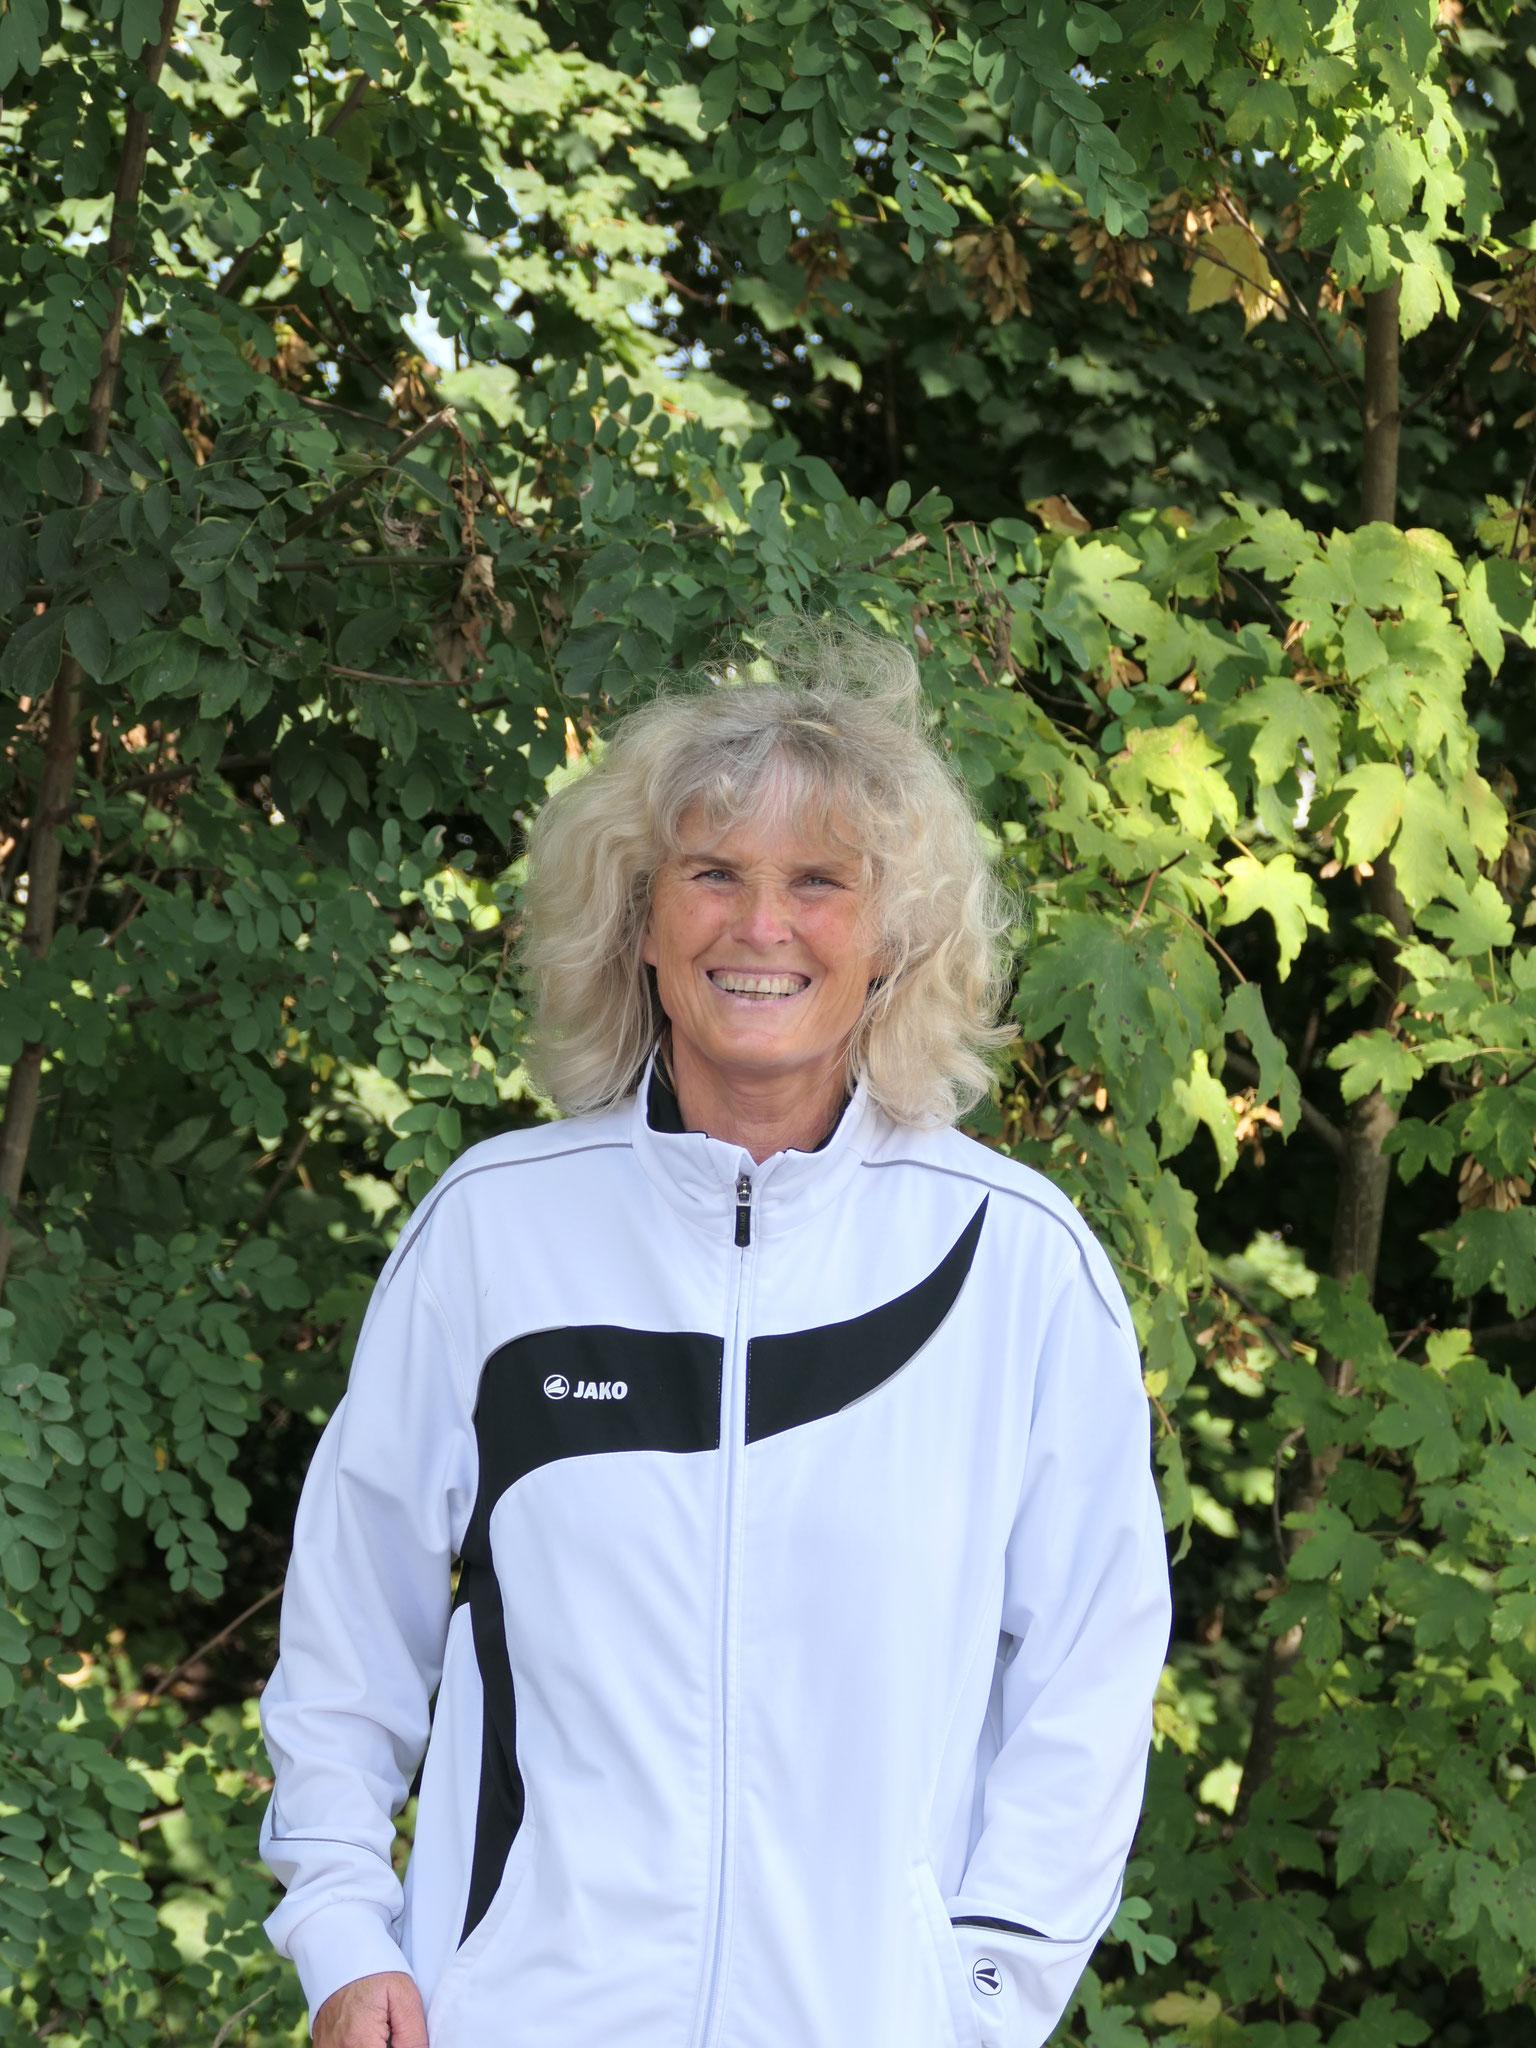 Heidi Brandt - Breitensport & Leistungsgruppe - longiert Quidam